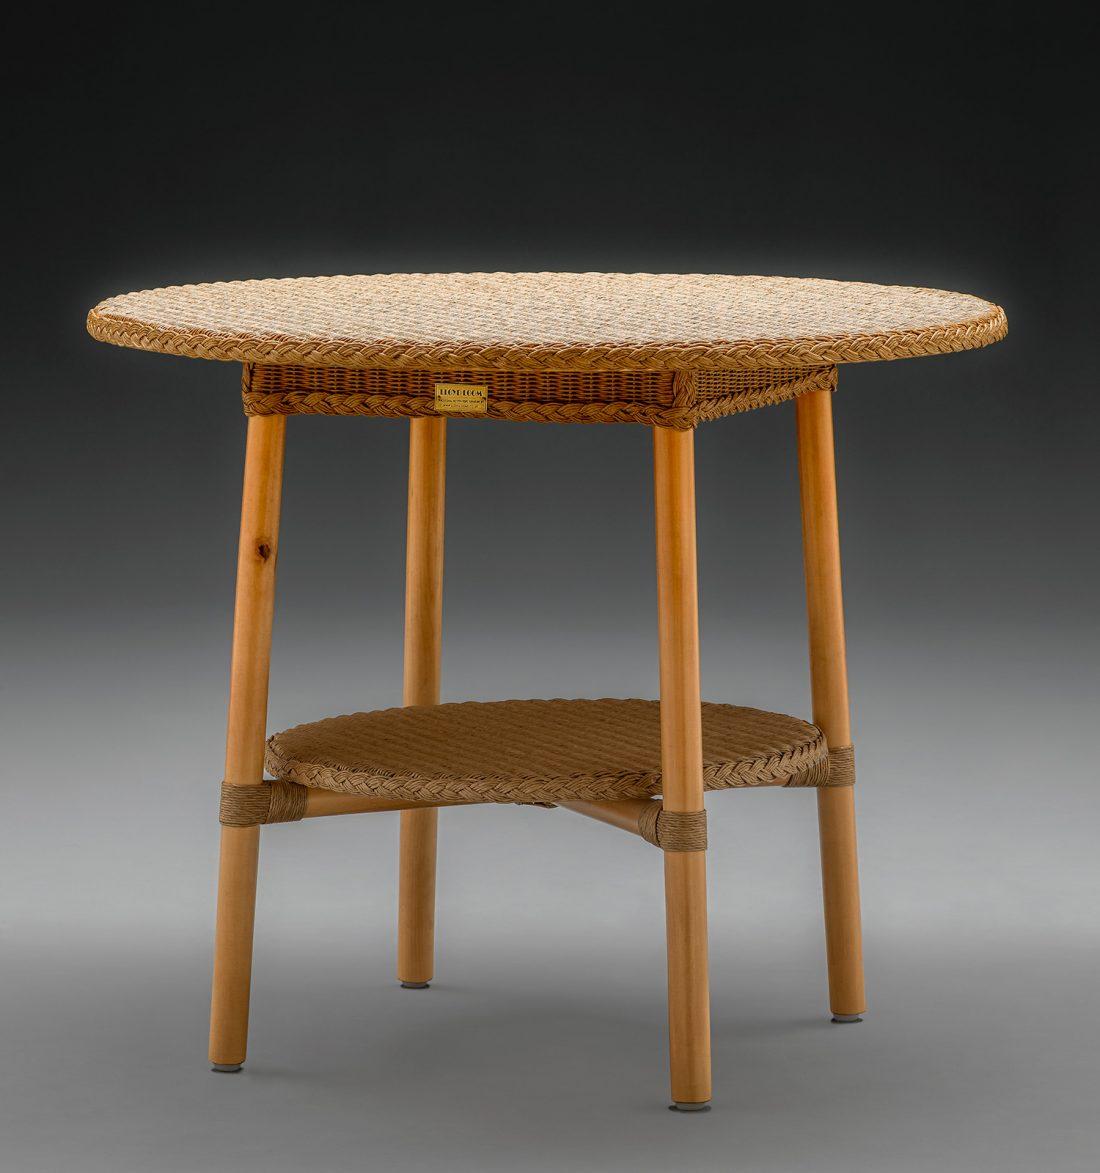 Lloyd Loom Café Table In Natural